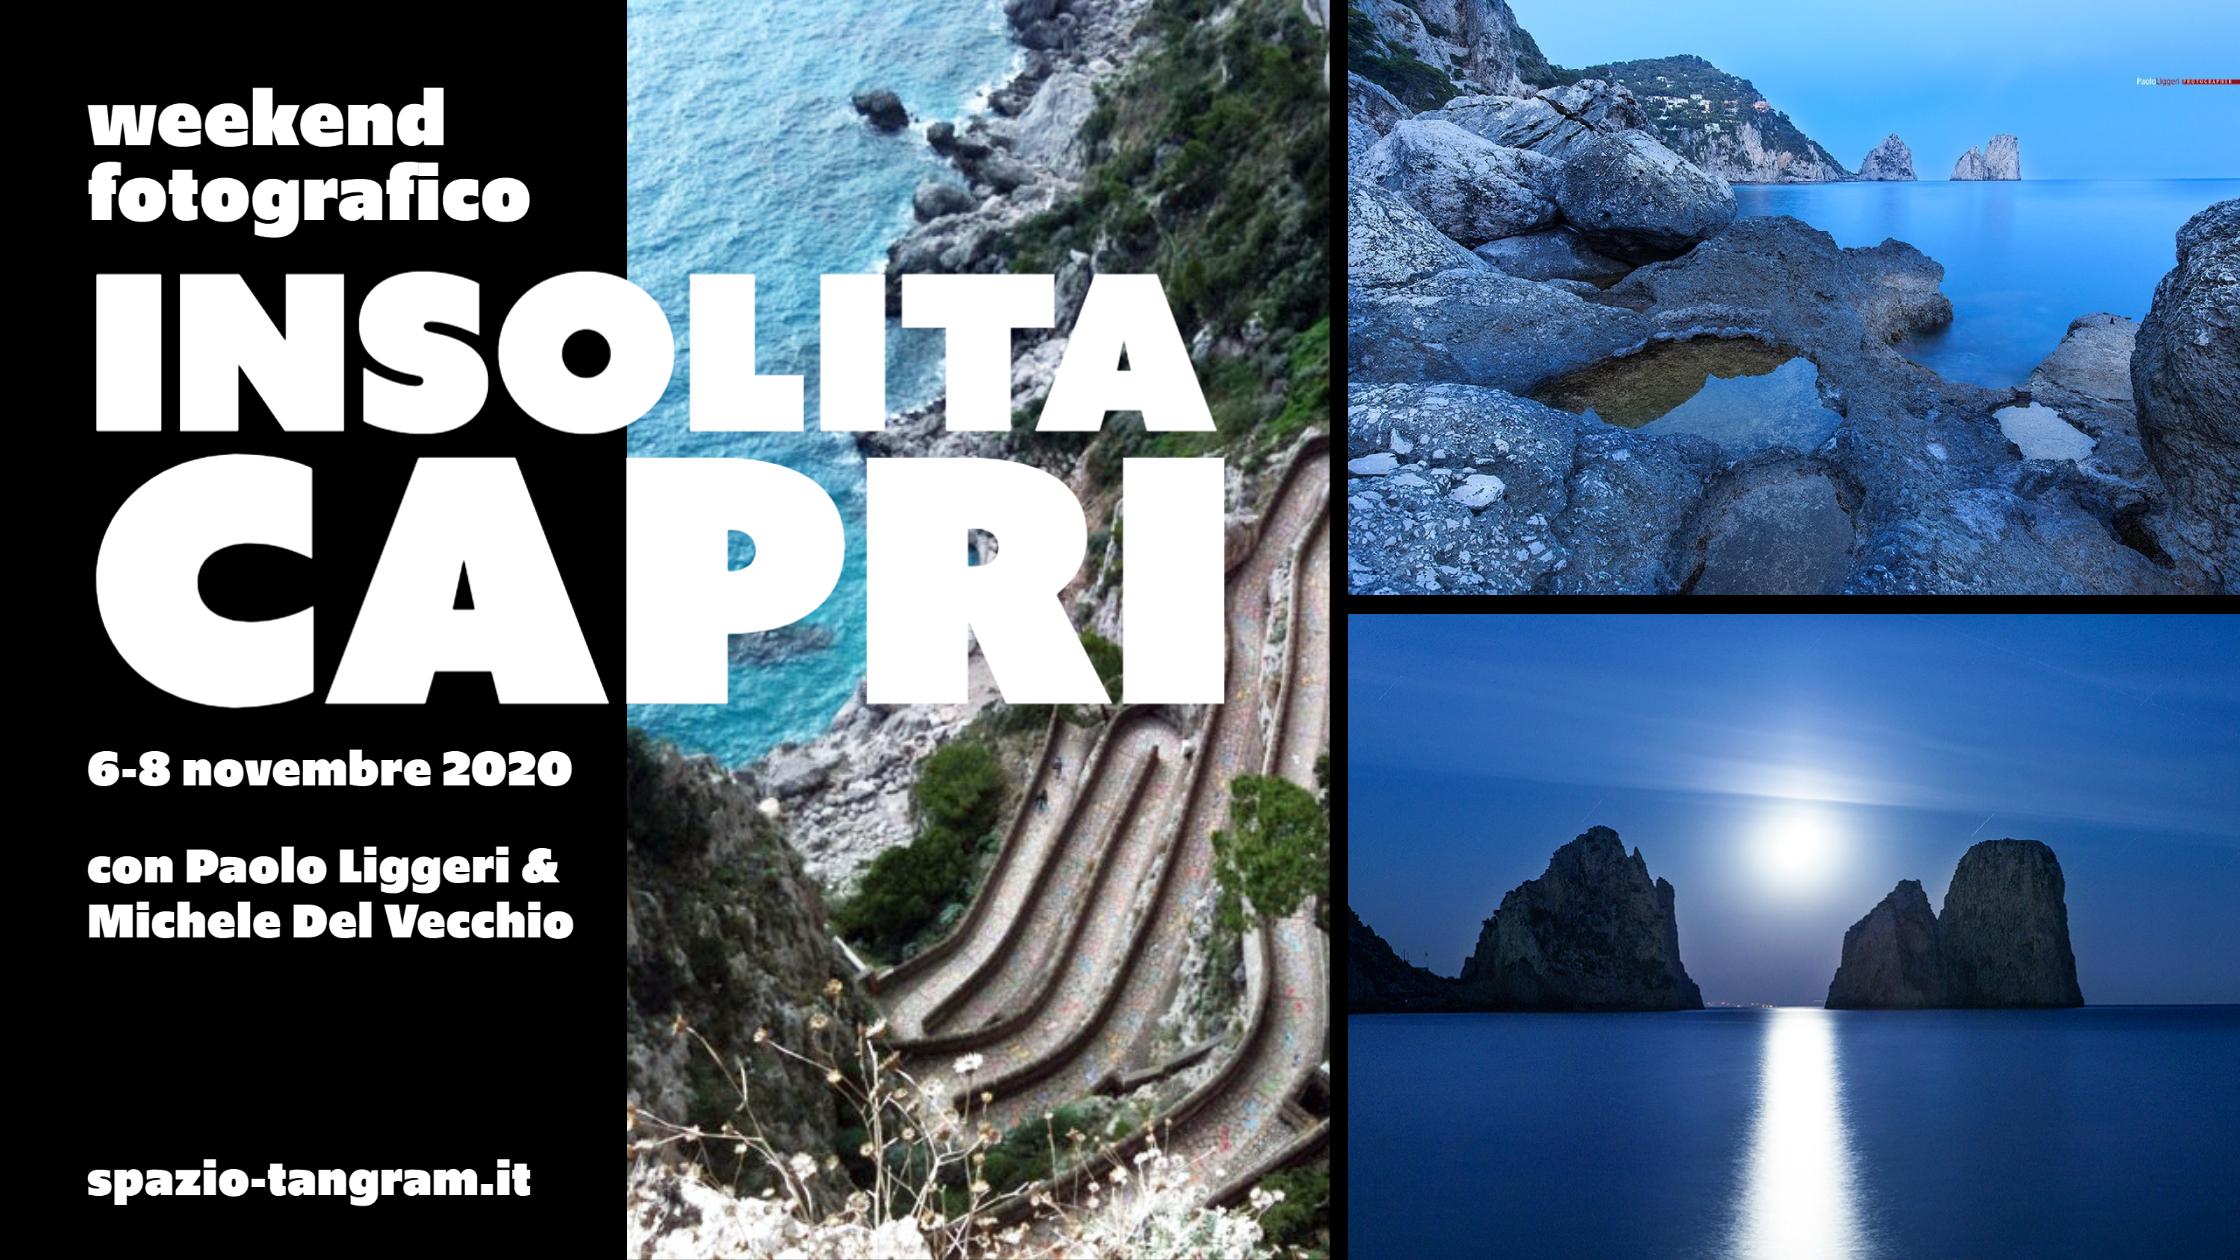 Weekend Fotografico a Capri   da venerdì 6 a sabato 8 novembre 2020